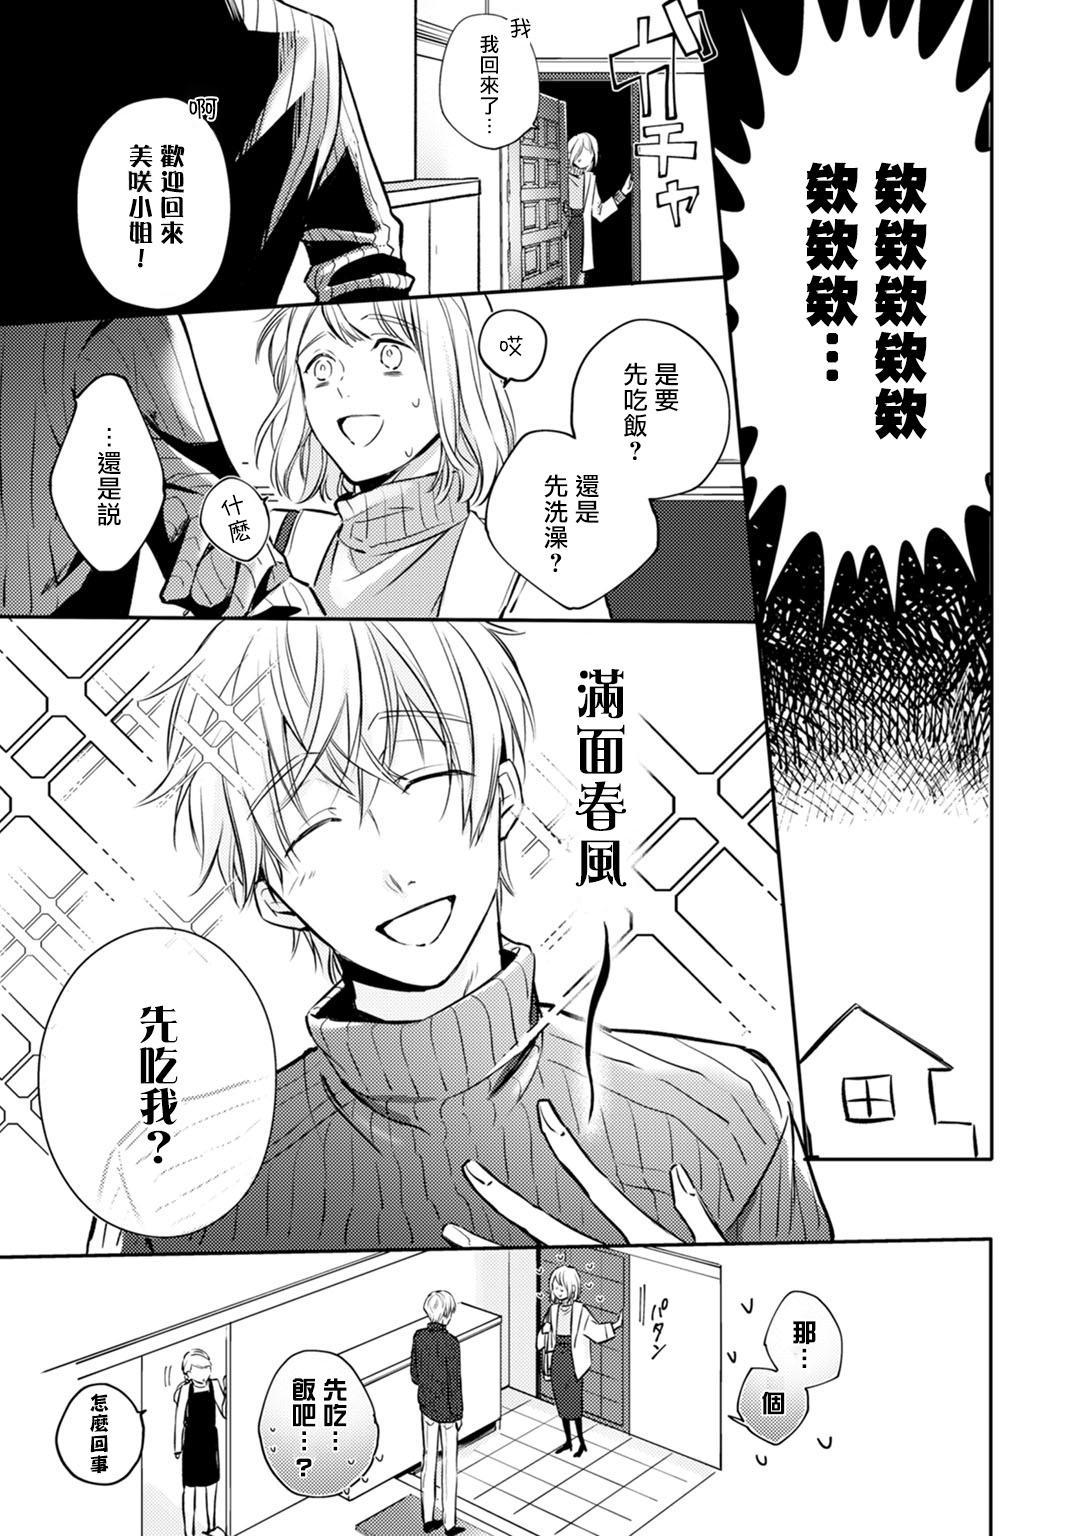 [Shichigatsu Motomi]  Sonna Kao shite, Sasotteru? ~Dekiai Shachou to Migawari Omiaikekkon!?~ 1-11  這種表情,在誘惑我嗎?~溺愛社長和替身相親結婚!? [Chinese] [拾荒者汉化组] 33